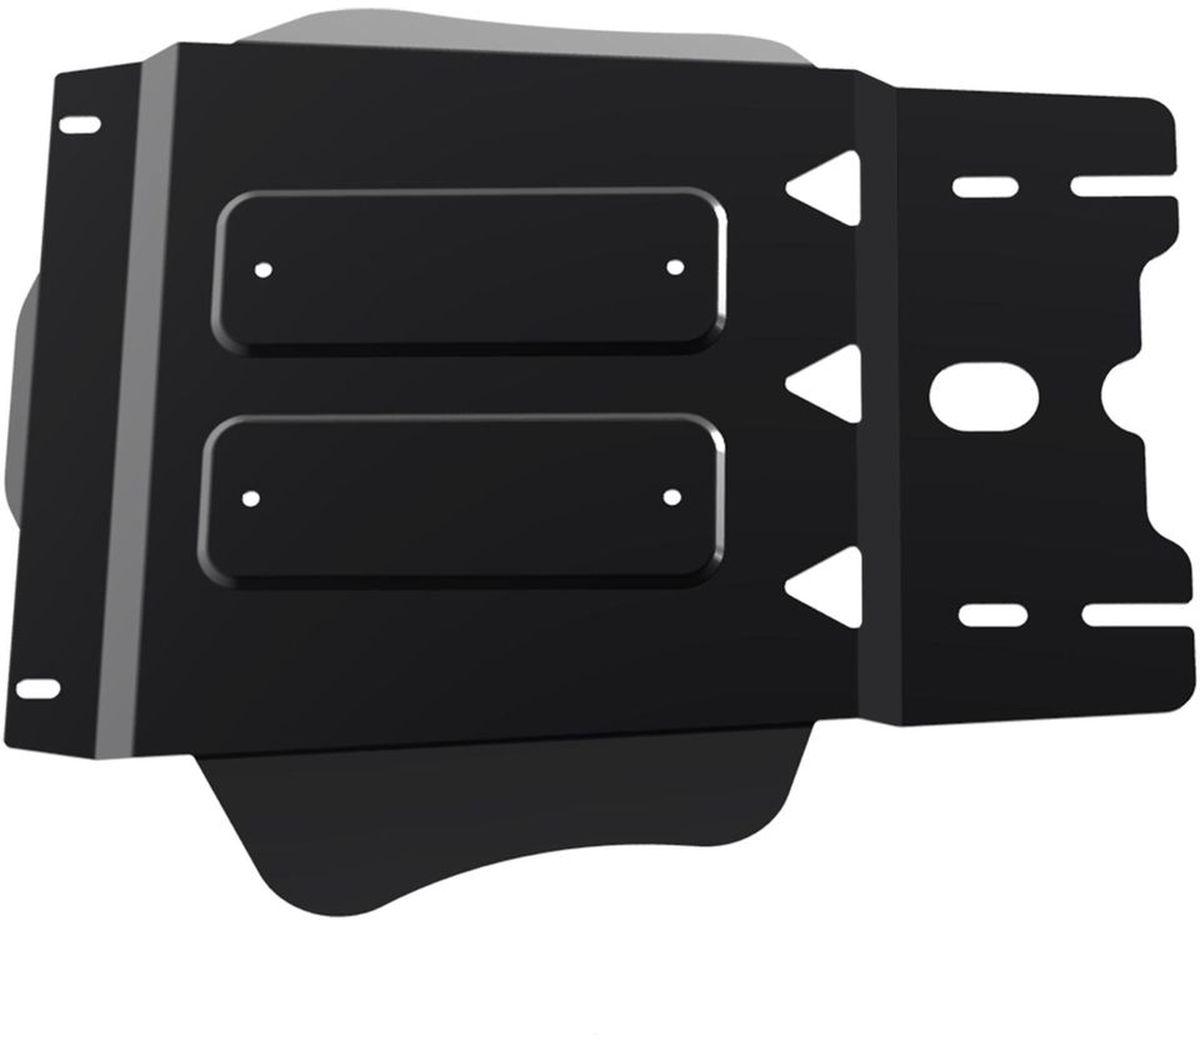 Защита КПП Автоброня, для VolkswagenPassat B5, V - 1,6; 1,8; 1.8T; 1.9TDi; 2,0 (2001-2005)111.05814.1Технологически совершенный продукт за невысокую стоимость. Защита разработана с учетом особенностей днища автомобиля, что позволяет сохранить дорожный просвет с минимальным изменением. Защита устанавливается в штатные места кузова автомобиля. Глубокий штамп обеспечивает до двух раз больше жесткости в сравнении с обычной защитой той же толщины. Проштампованные ребра жесткости препятствуют деформации защиты при ударах. Тепловой зазор и вентиляционные отверстия обеспечивают сохранение температурного режима двигателя в норме. Скрытый крепеж предотвращает срыв крепежных элементов при наезде на препятствие. Шумопоглощающие резиновые элементы обеспечивают комфортную езду без вибраций и скрежета металла, а съемные лючки для слива масла и замены фильтра - экономию средств и время. Конструкция изделия не влияет на пассивную безопасность автомобиля (при ударе защита не воздействует на деформационные зоны кузова). Со штатным крепежом. В комплекте инструкция по установке....